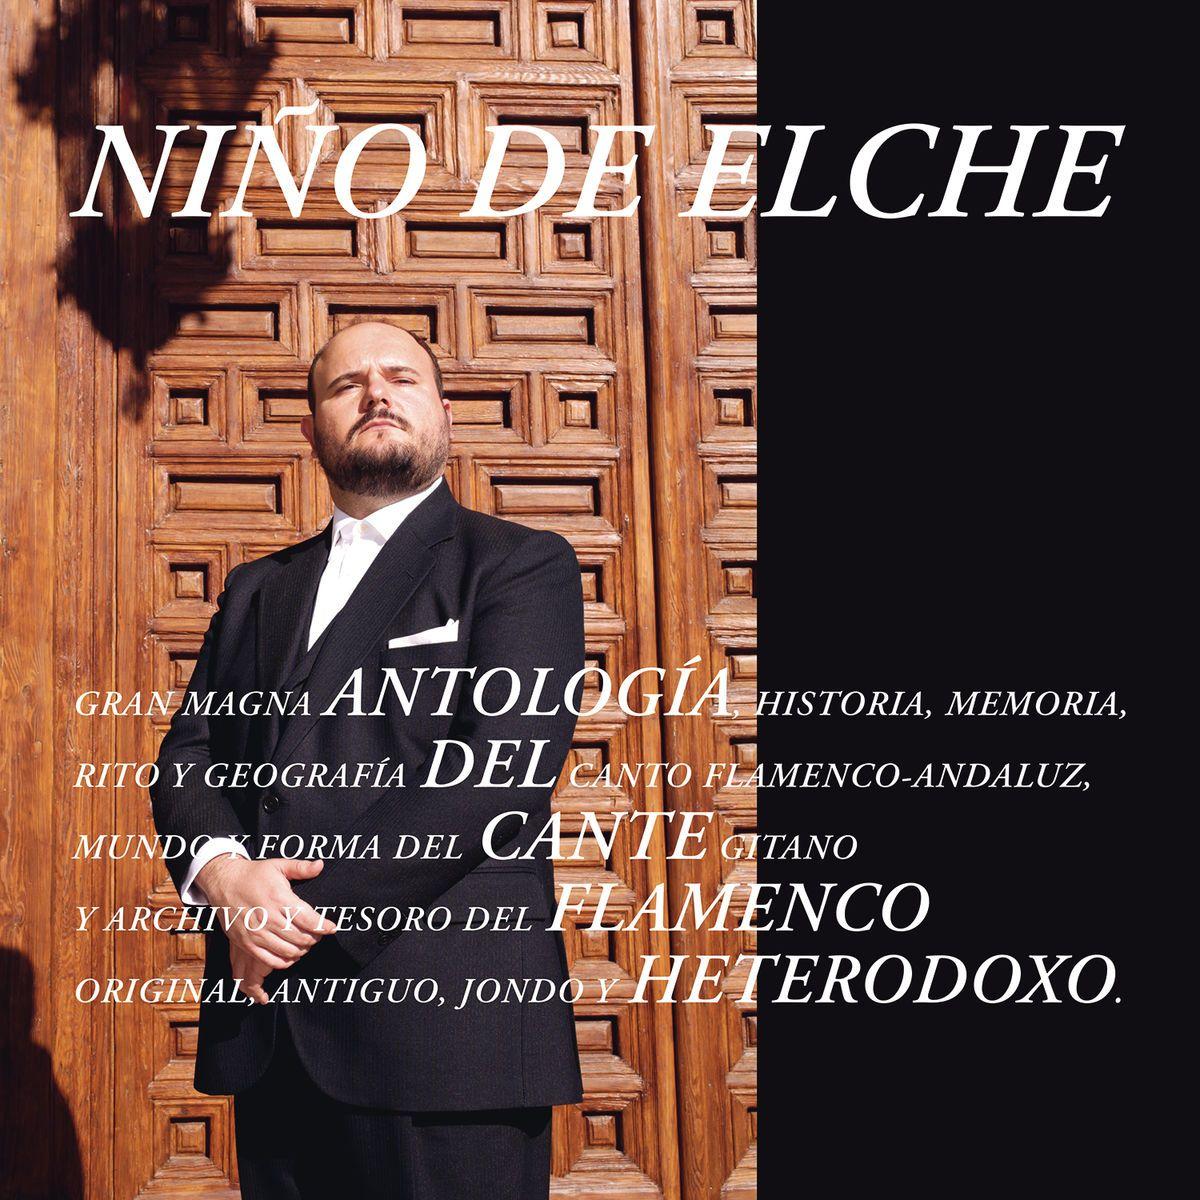 Niño de Elche - Antología del Cante Flamenco Heterodoxo